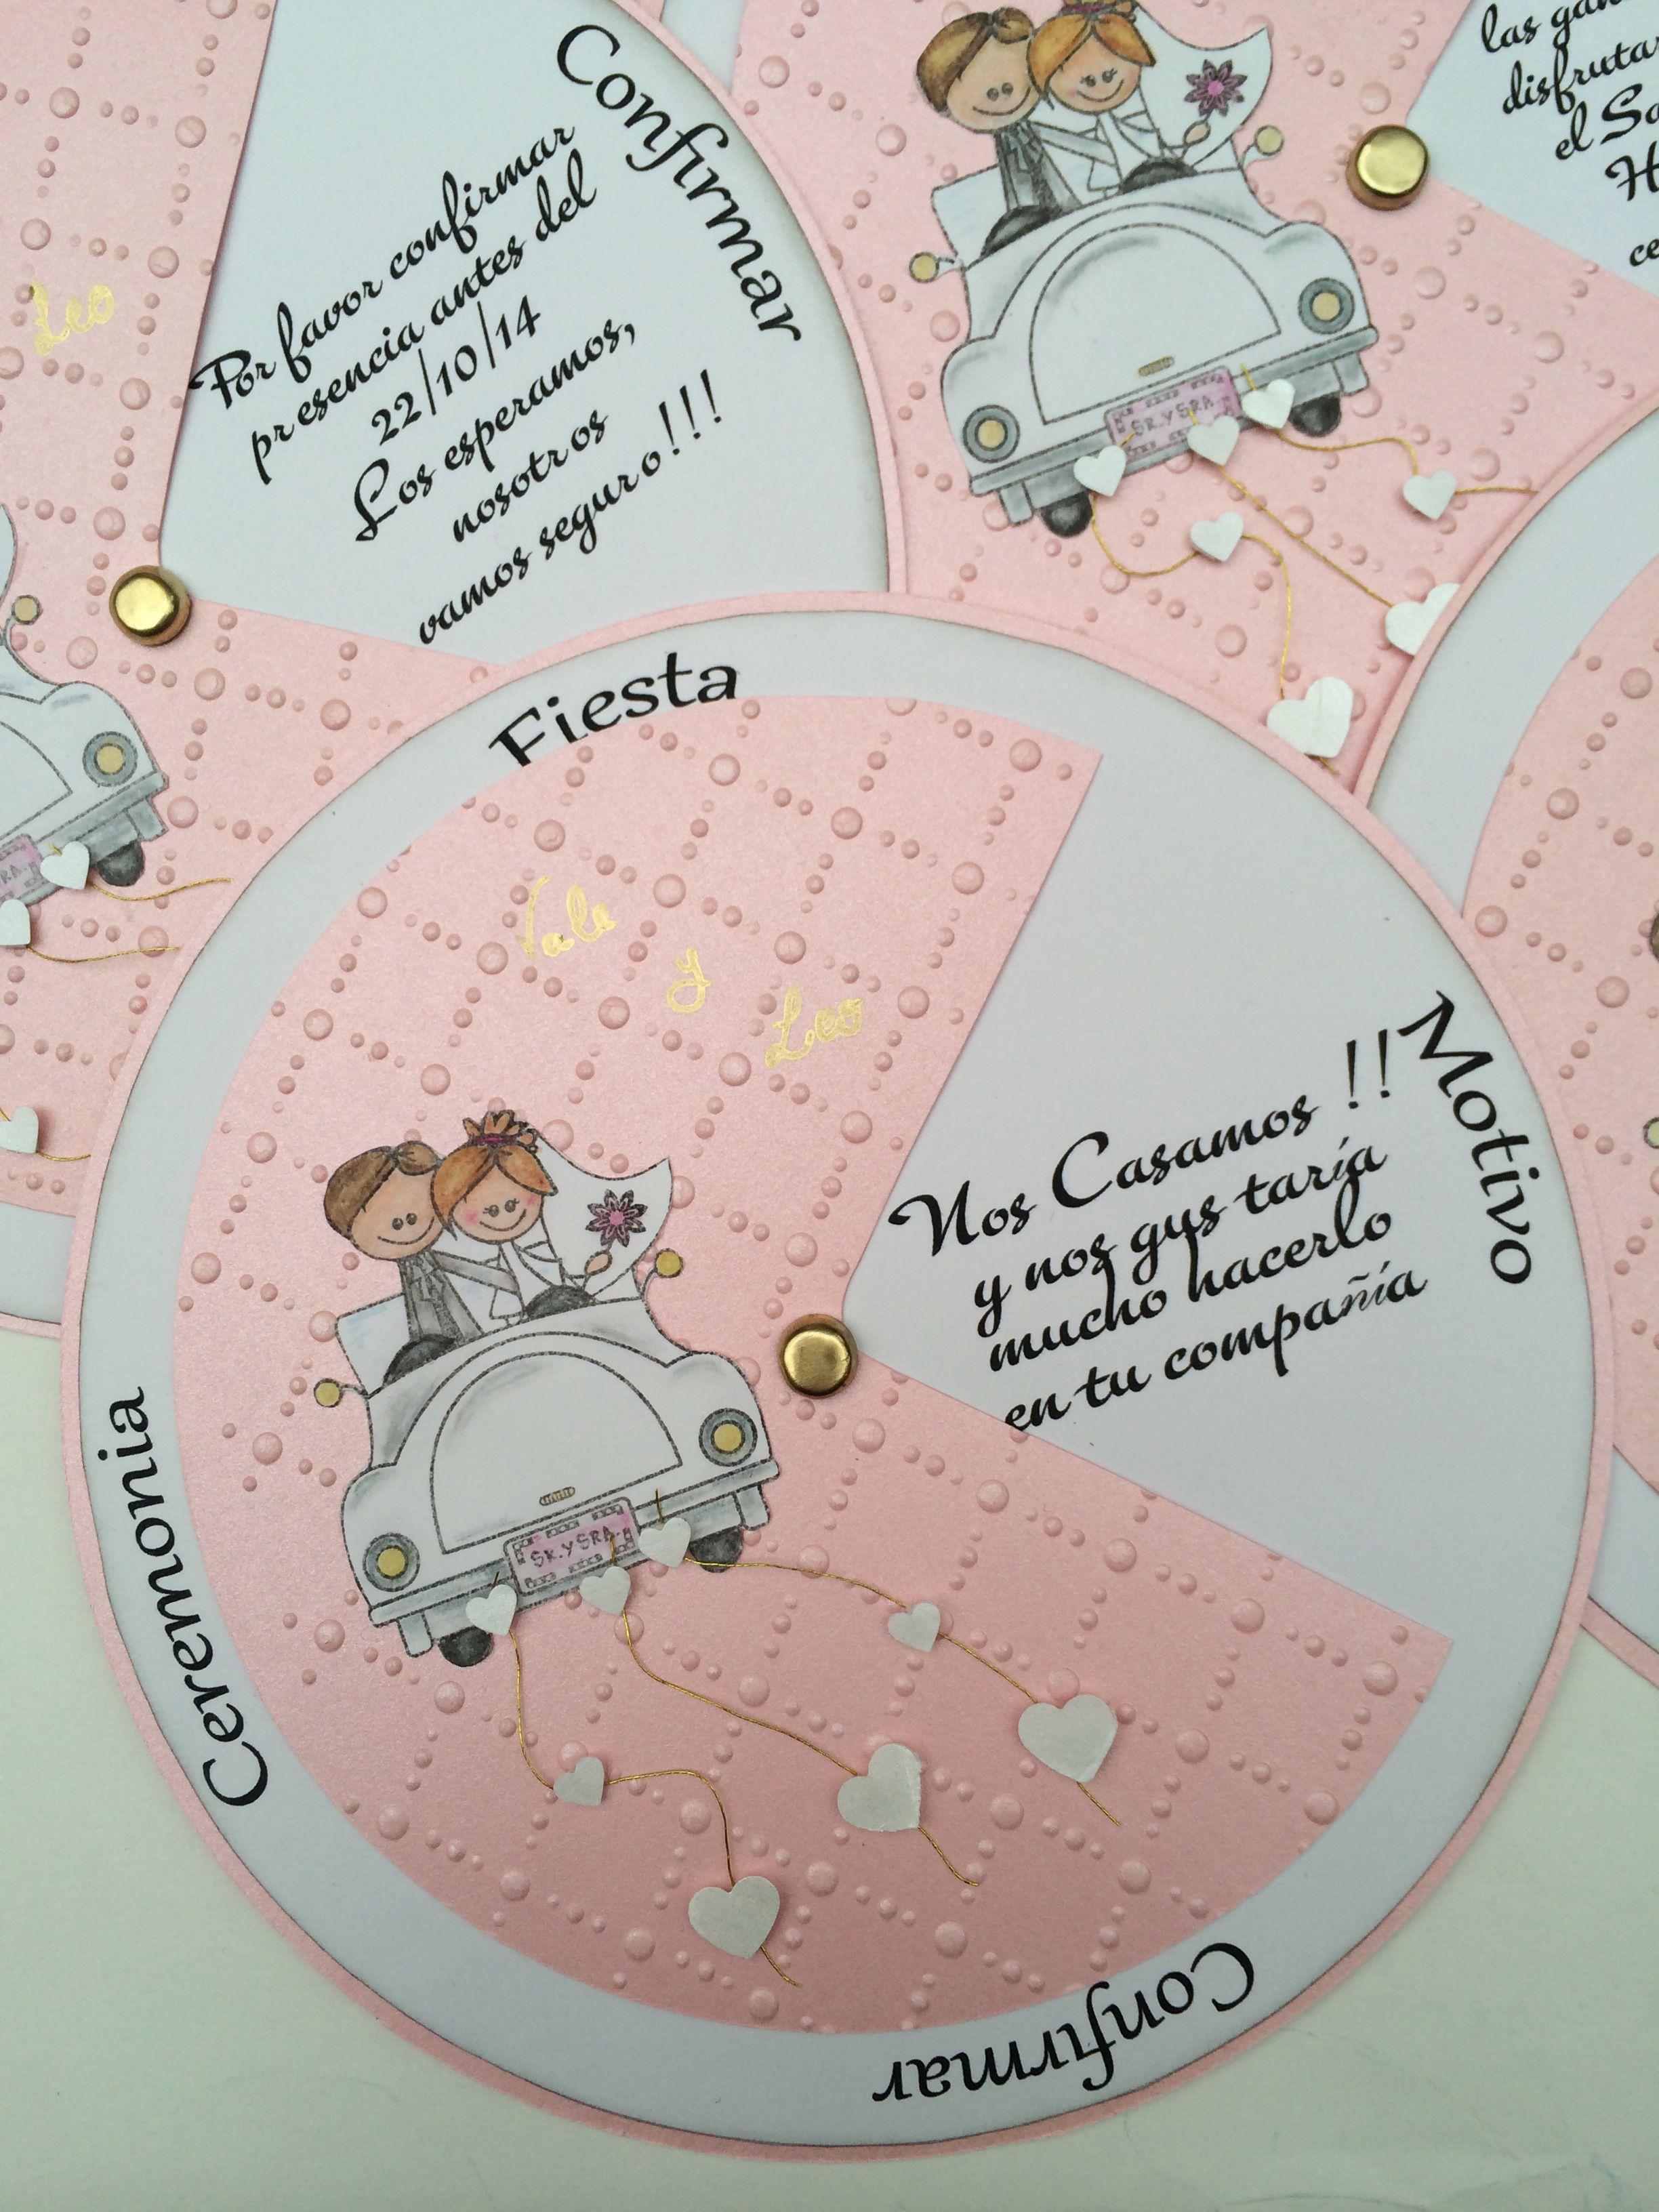 Invitaciones De Casamiento Circulares Vale Y Leo